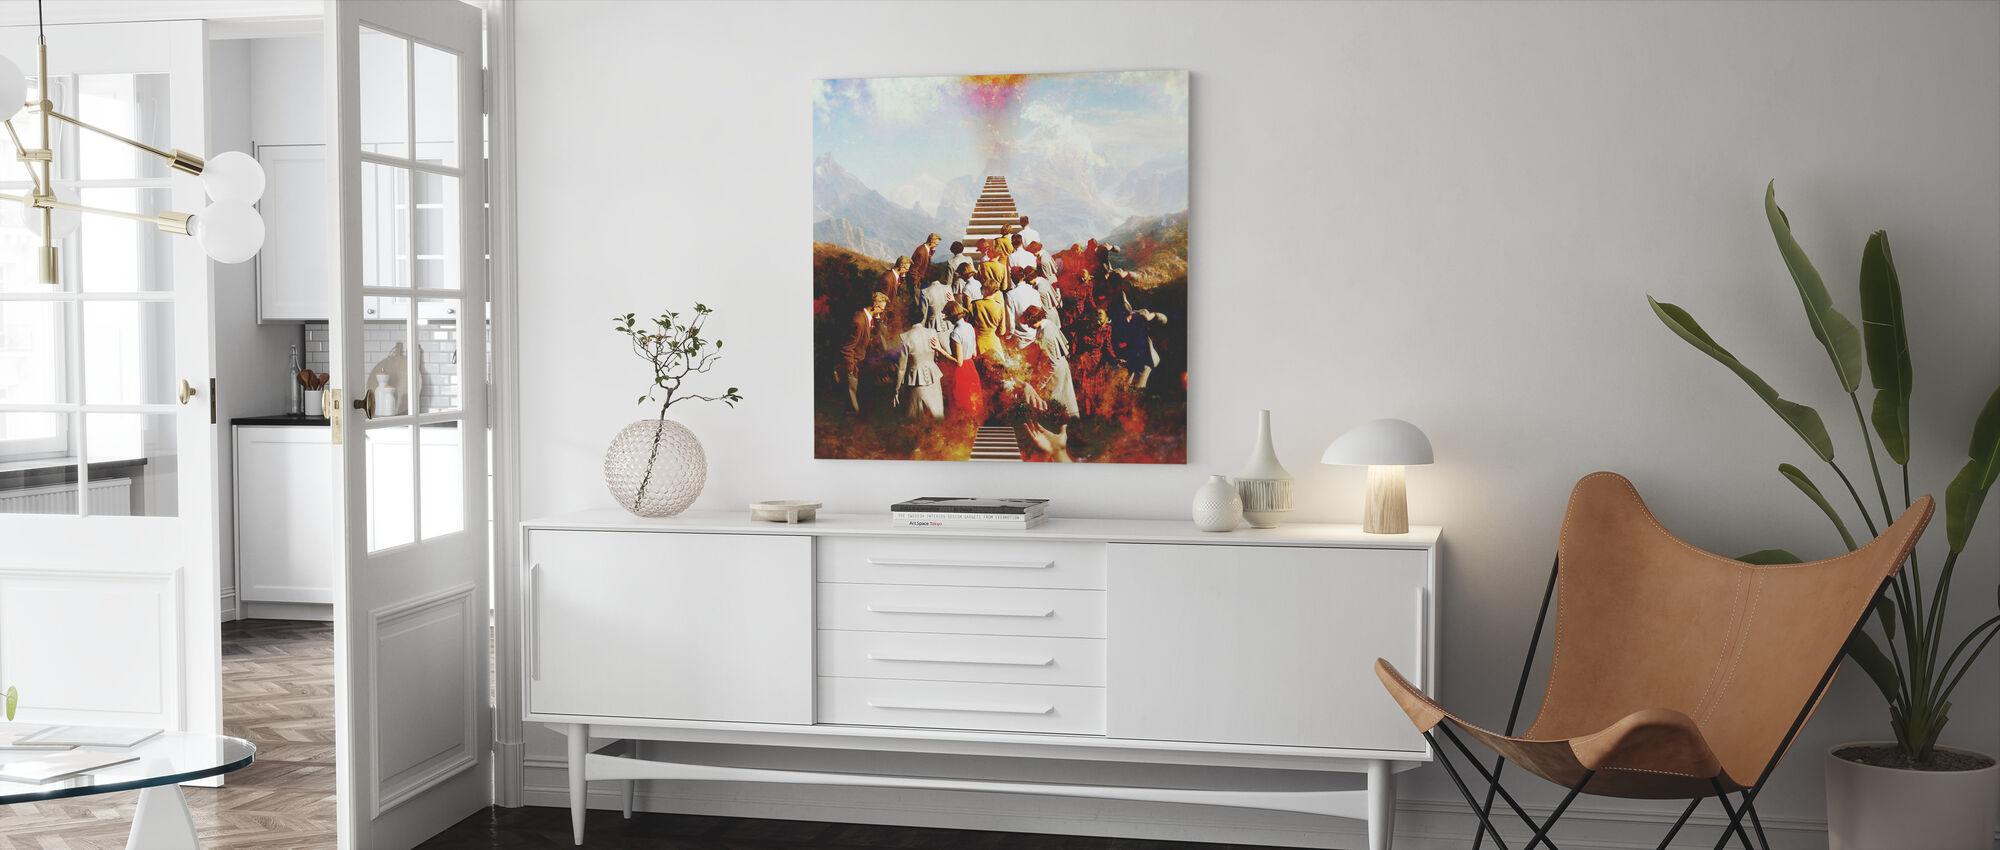 Hemelvaart - Canvas print - Woonkamer